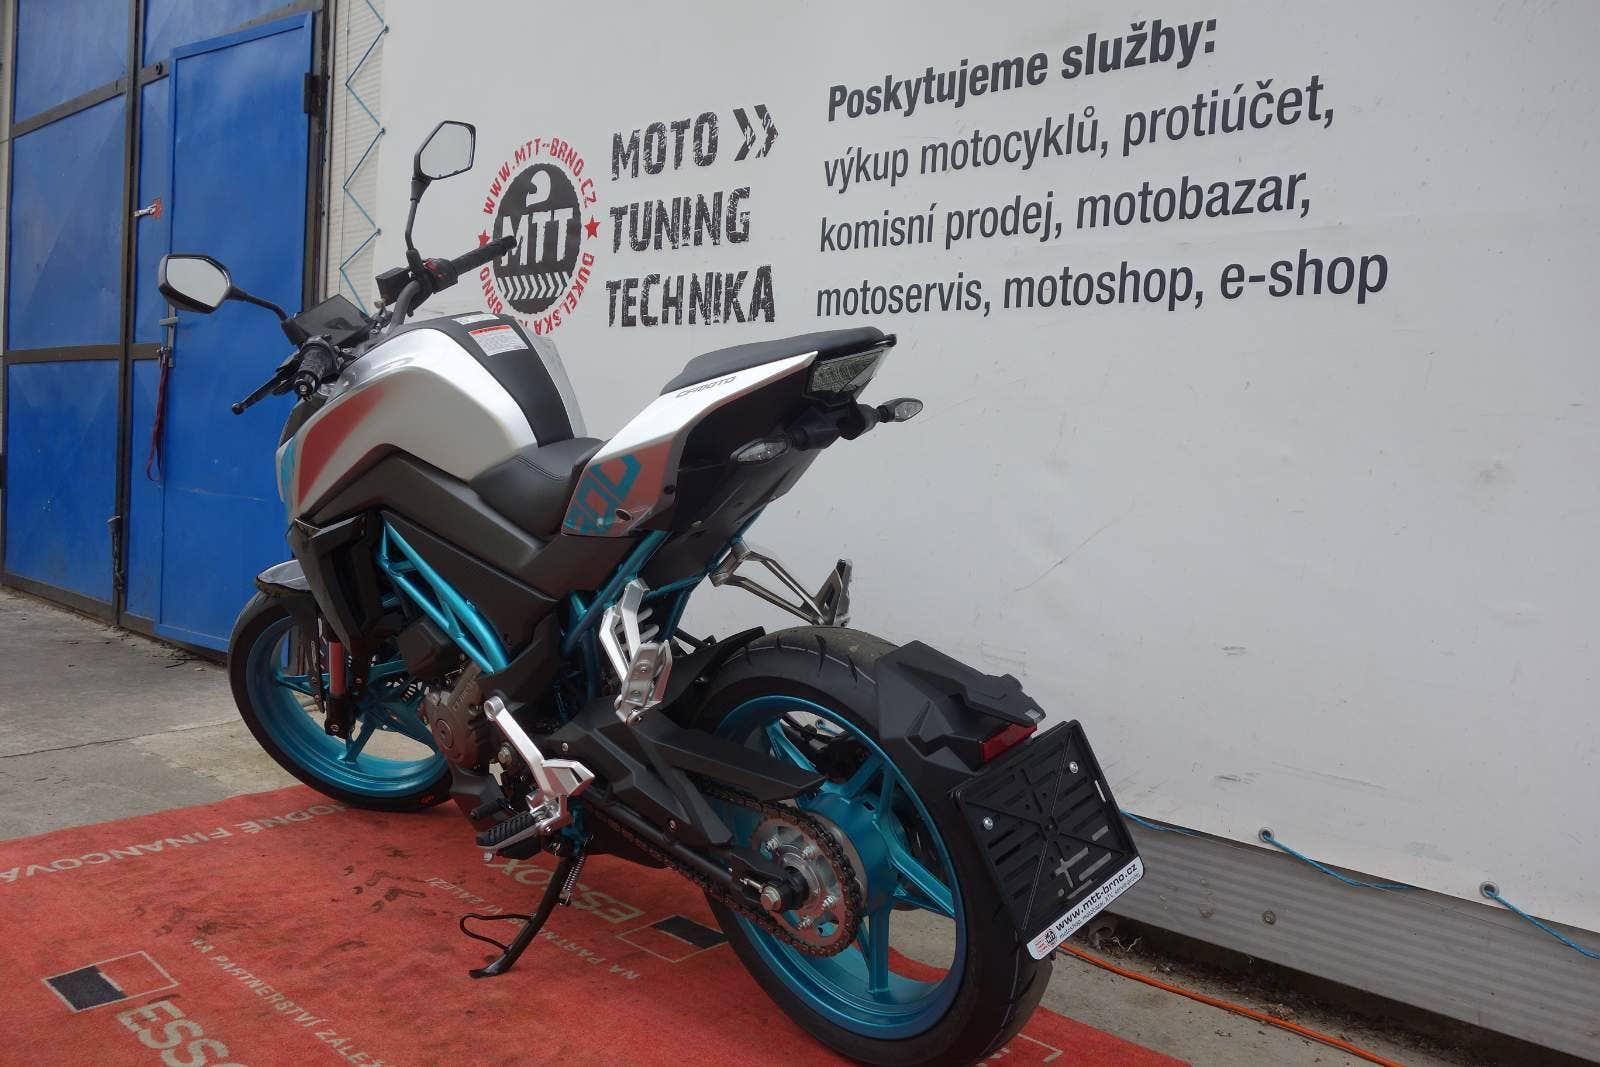 CFmoto 300 NK model 2020 (NOVÁ, 2020), 89.300 Kč - TipMoto.com